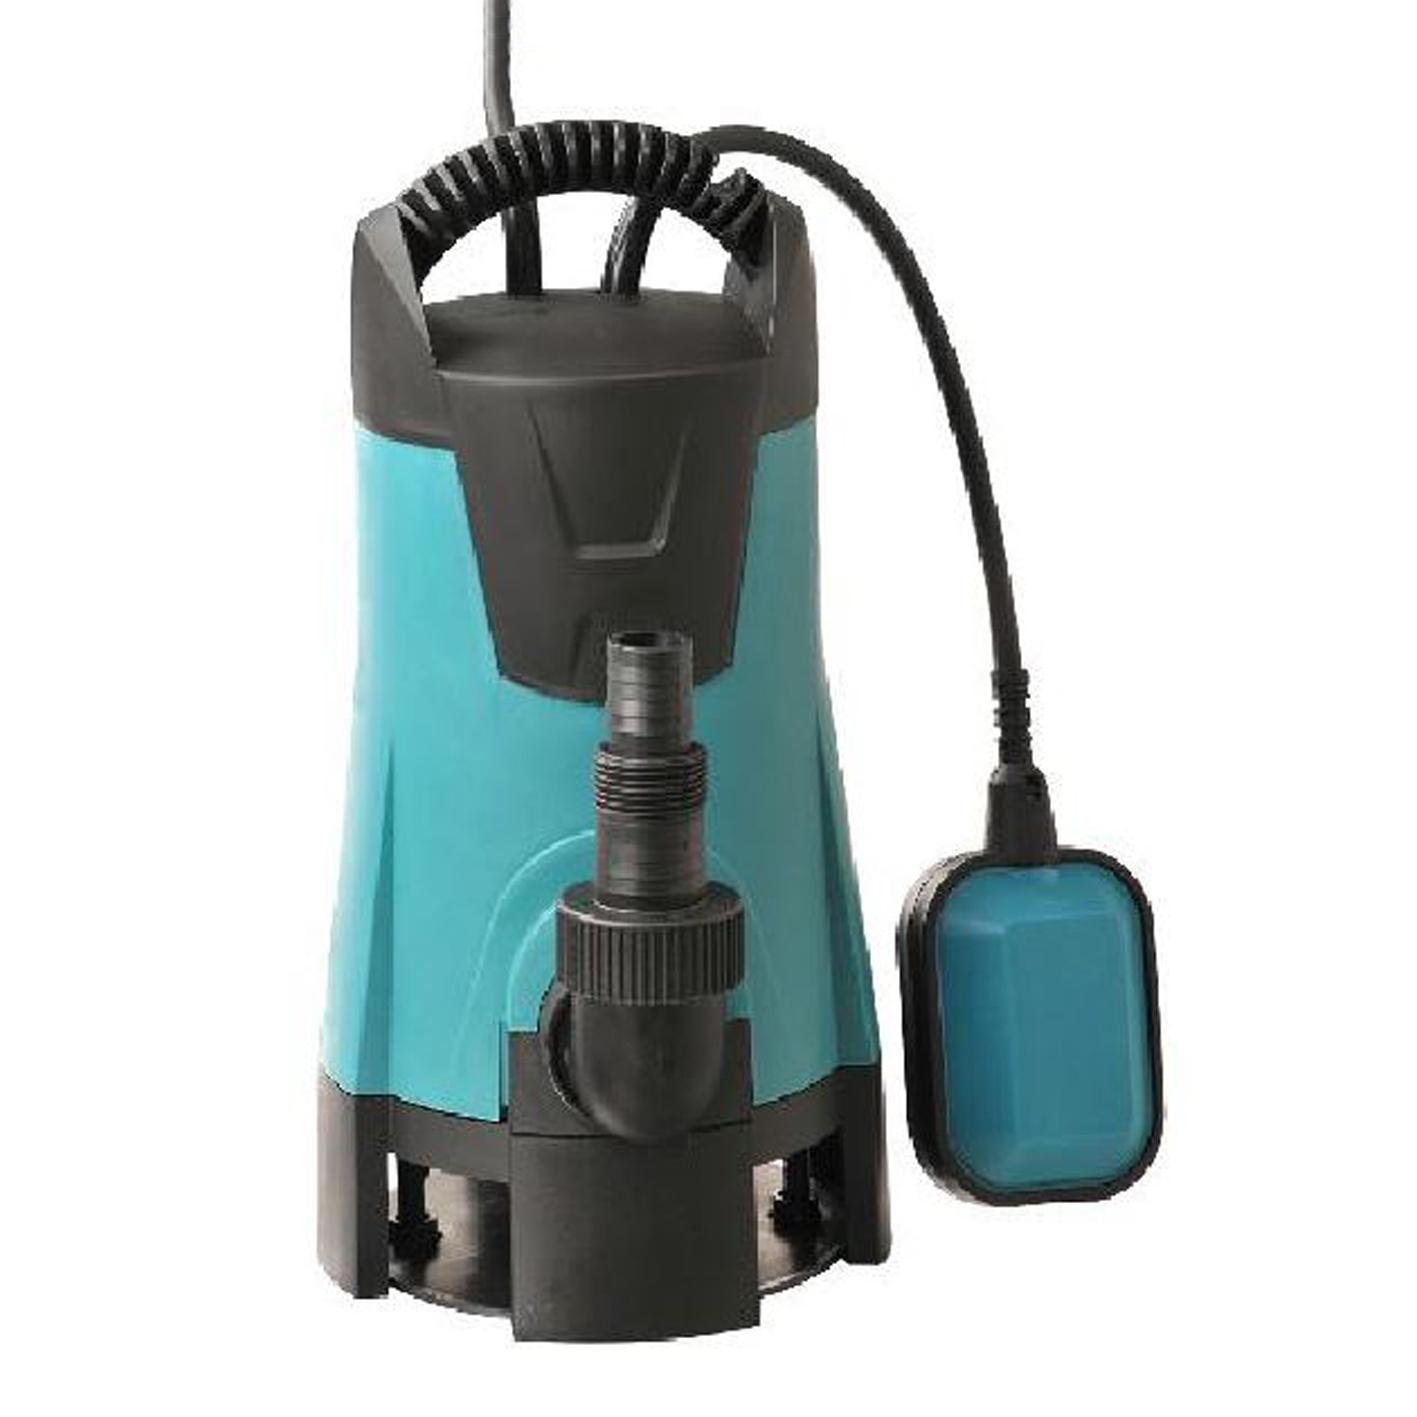 Momentum PKS 750P Plastik Gövdeli Temiz Su Pompası